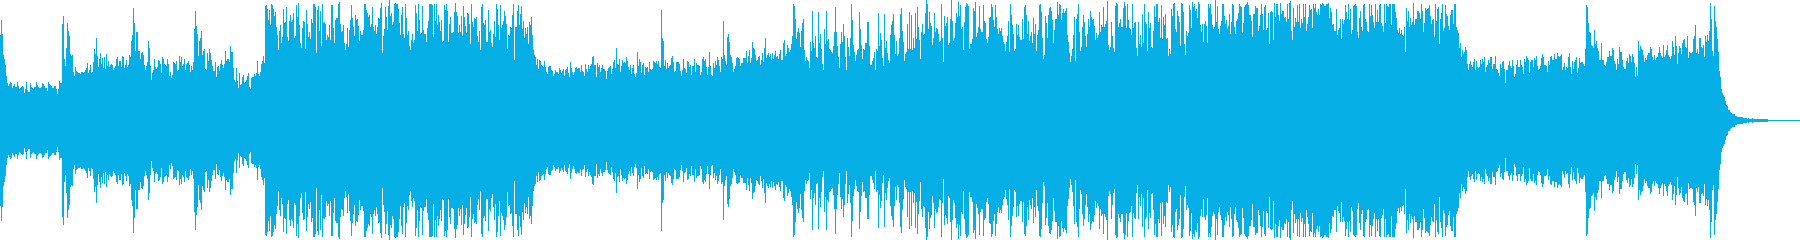 スピード感溢れるポップスの再生済みの波形